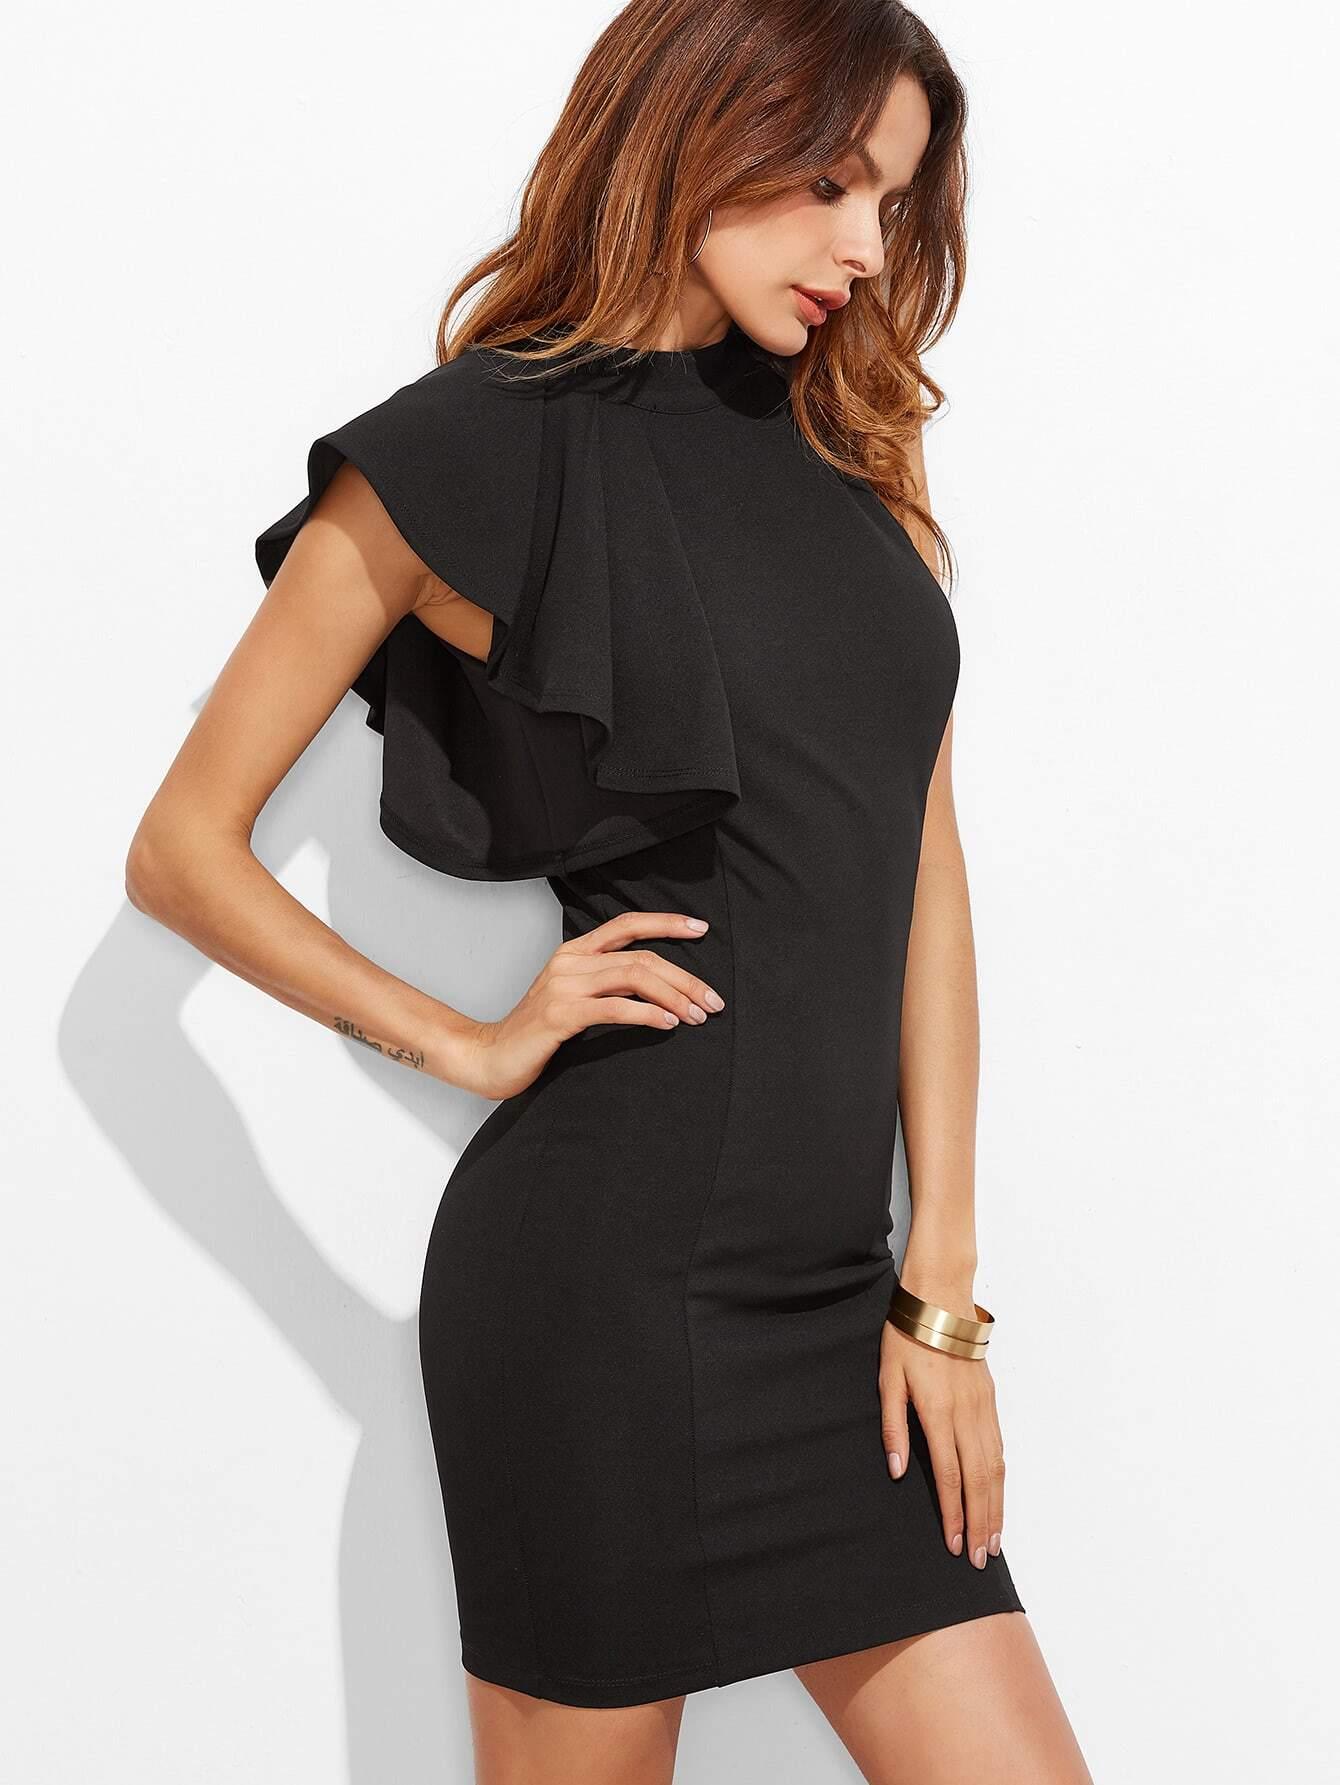 dress161202729_2